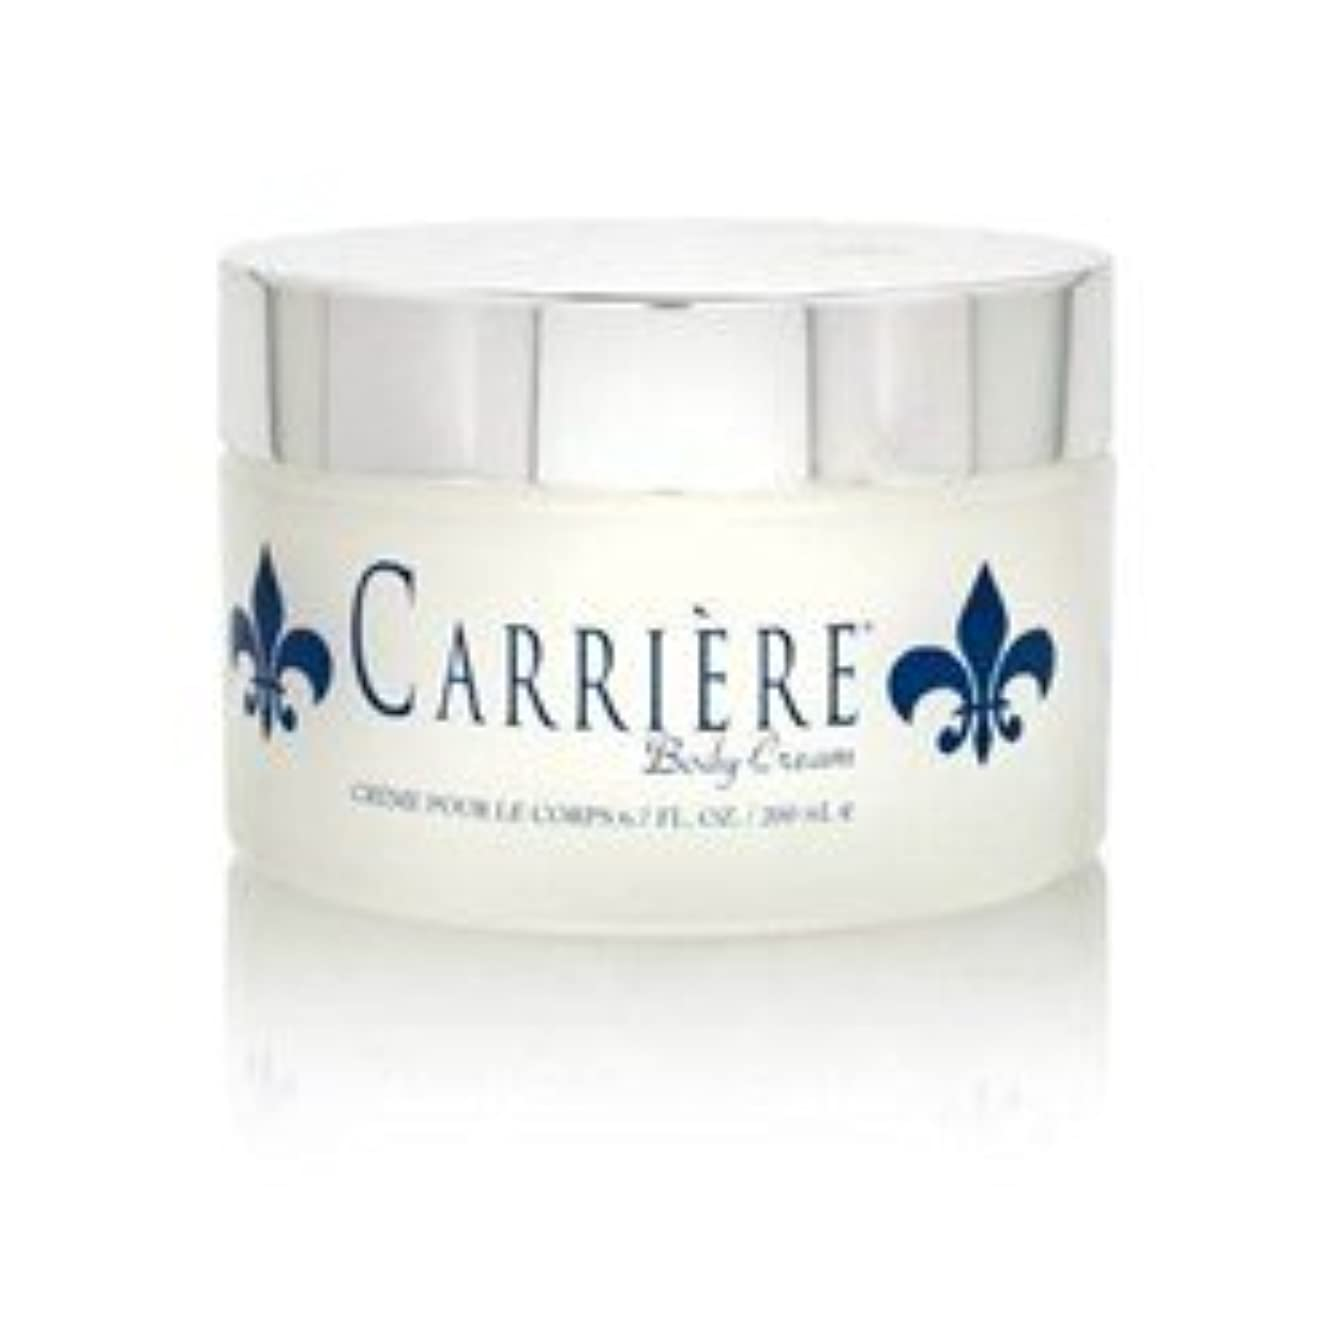 トラフィック水素ファンネルウェブスパイダーCarriere (キャリアー)  6.7 oz (200ml) Perfumed Body Cream (ボディークリーム) by Gendarme for Women